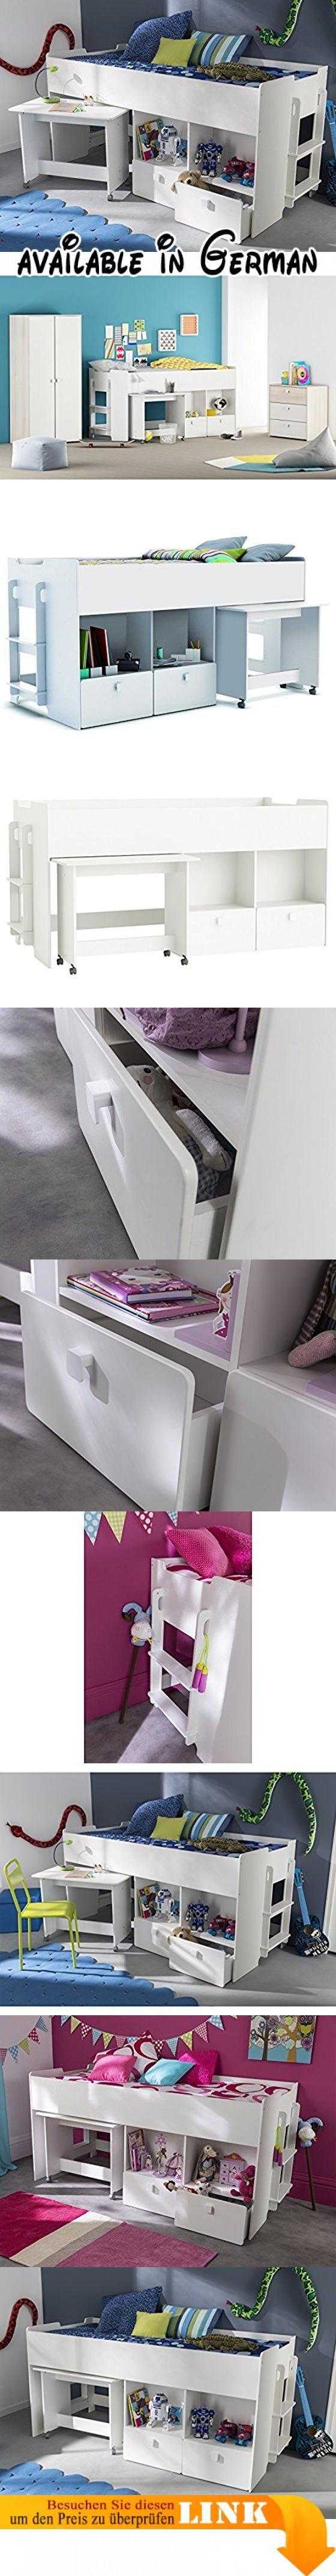 """Kombi-Bett Schreib-Schlaf-Kombi Etagenbett Schreibtisch Kinderzimmer """"Galen I"""". Produktabmessungen: Breite 218,3 cm, Höhe 98,5 cm, Tiefe 96 cm - trotz der kompakten Grundfläche ein geräumiges Kombi-Bett. So erfreuen nicht nur die Stauraummöglichkeiten, sondern auch die komfortable Liegefläche von 90 x 200 cm. Der Schreibtisch ist mit einer Breite von 83 cm, einer Höhe von 66 cm und einer Tiefe von 45 cm sehr gut proportioniert und erfüllt seinen Zweck zur vollsten"""